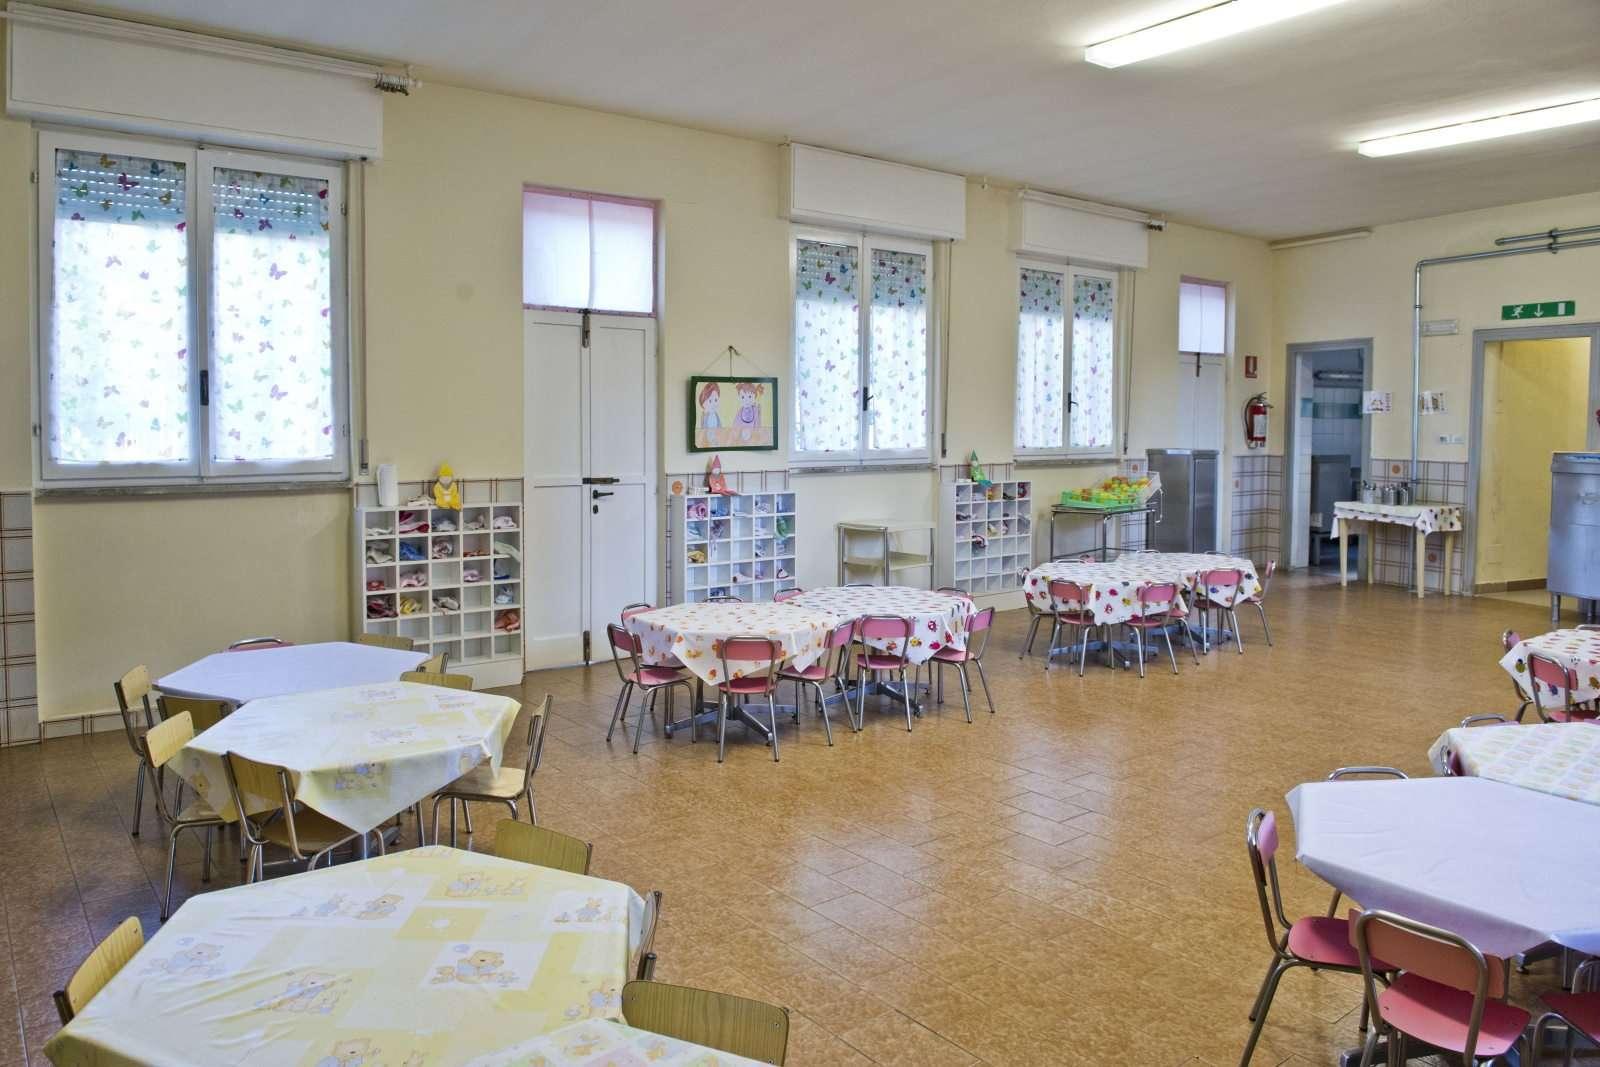 090 D4C 5649 Ridotte - Scuola Materna Peschiera Borromeo